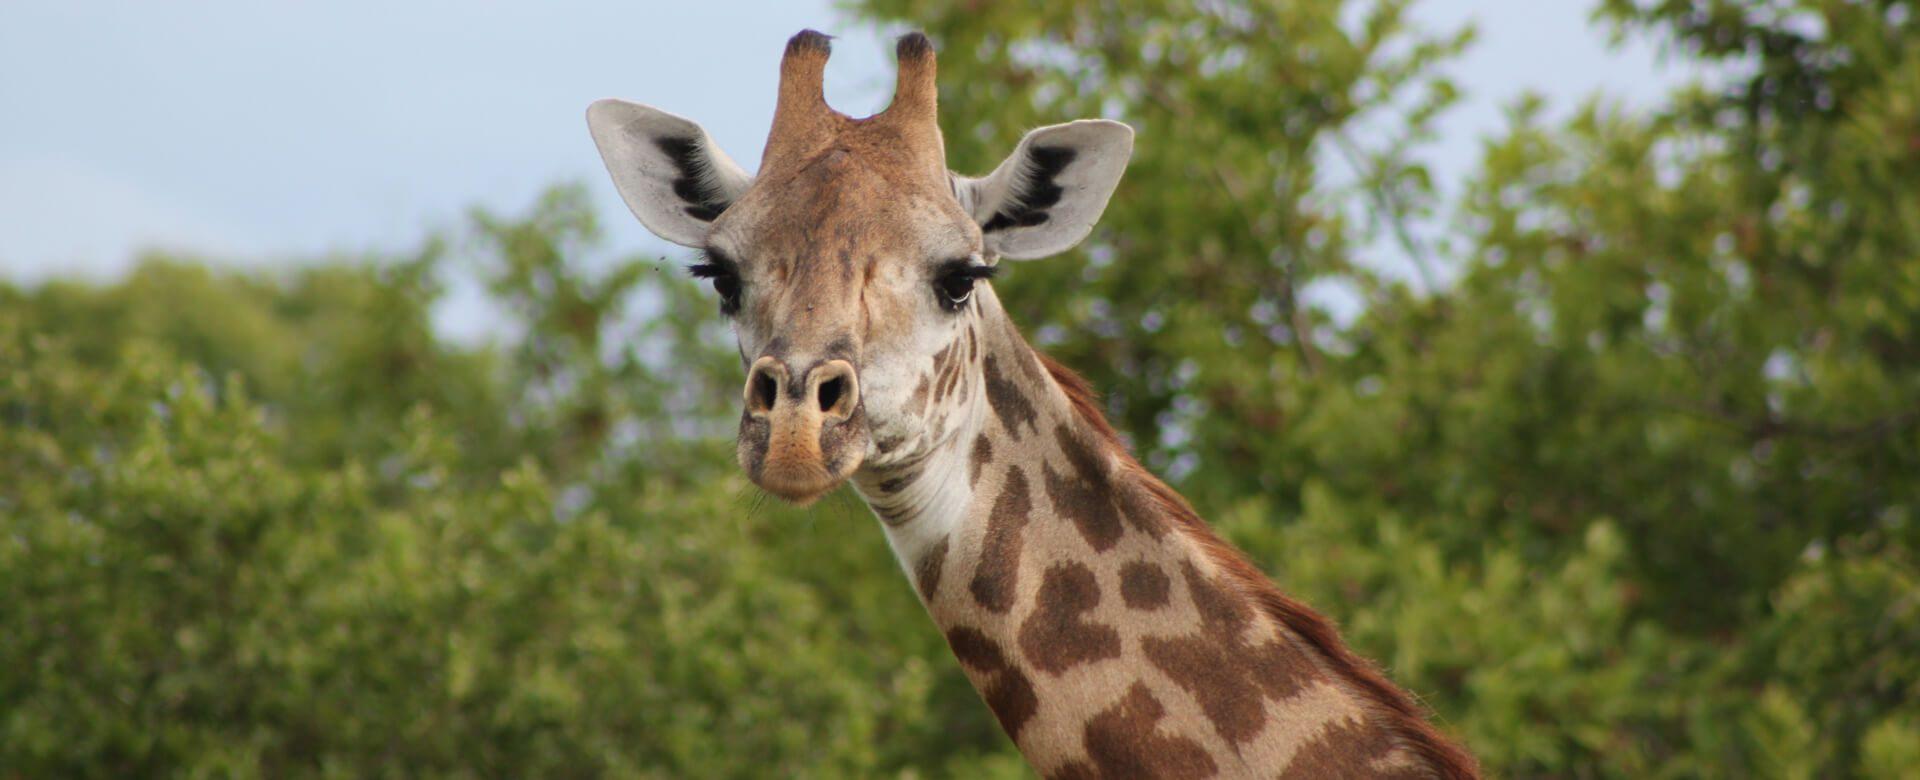 Upepo Safari - Giraffe